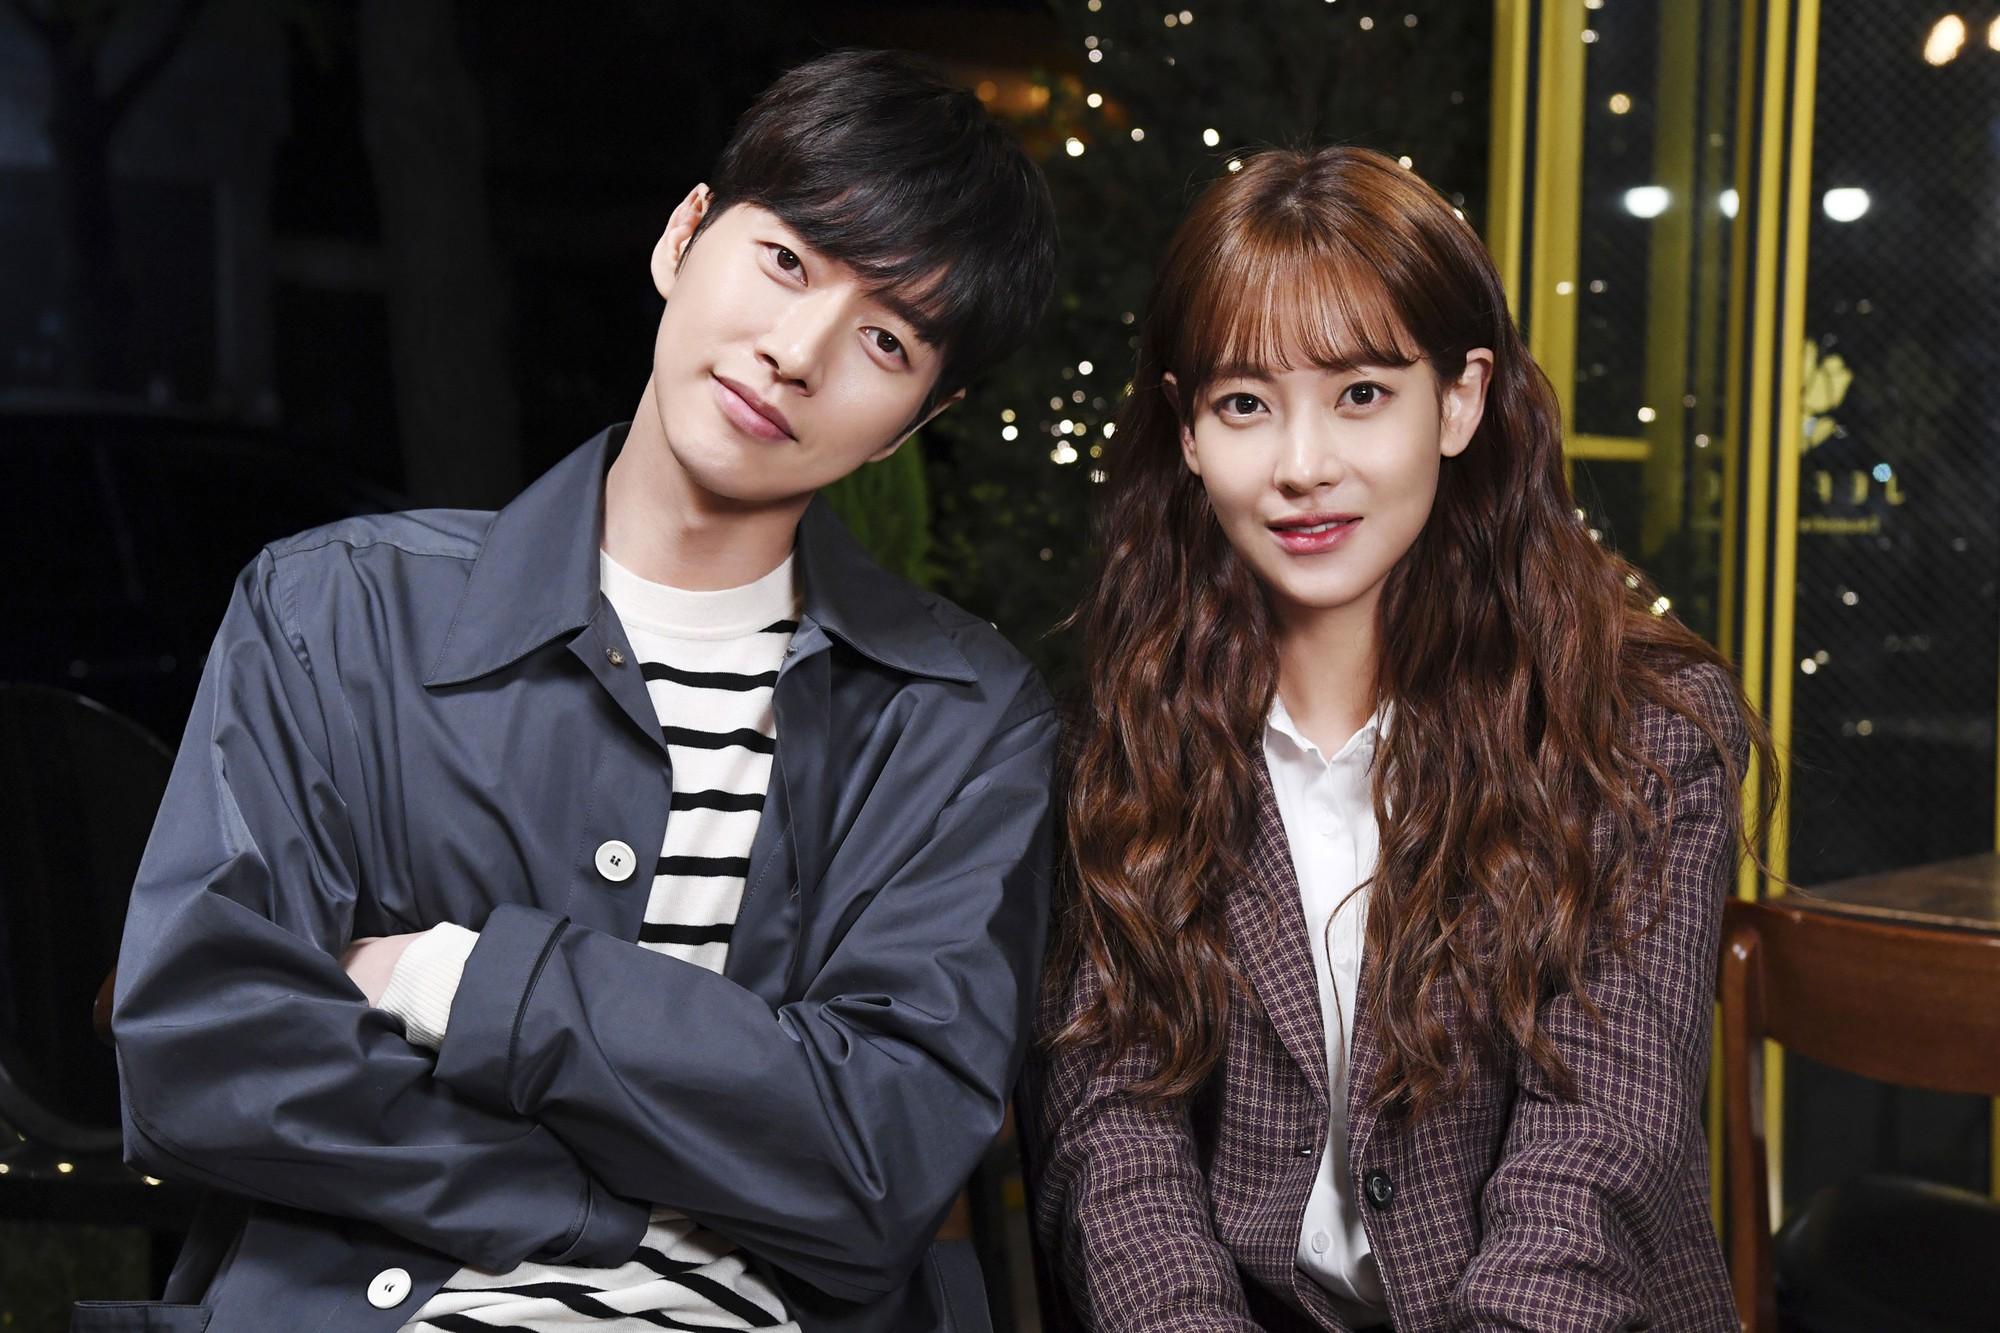 Bản điện ảnh Cheese in the Trap tung trailer đầu tiên: Hong Seol mới cực đẹp đôi với Park Hae Jin! - Ảnh 10.